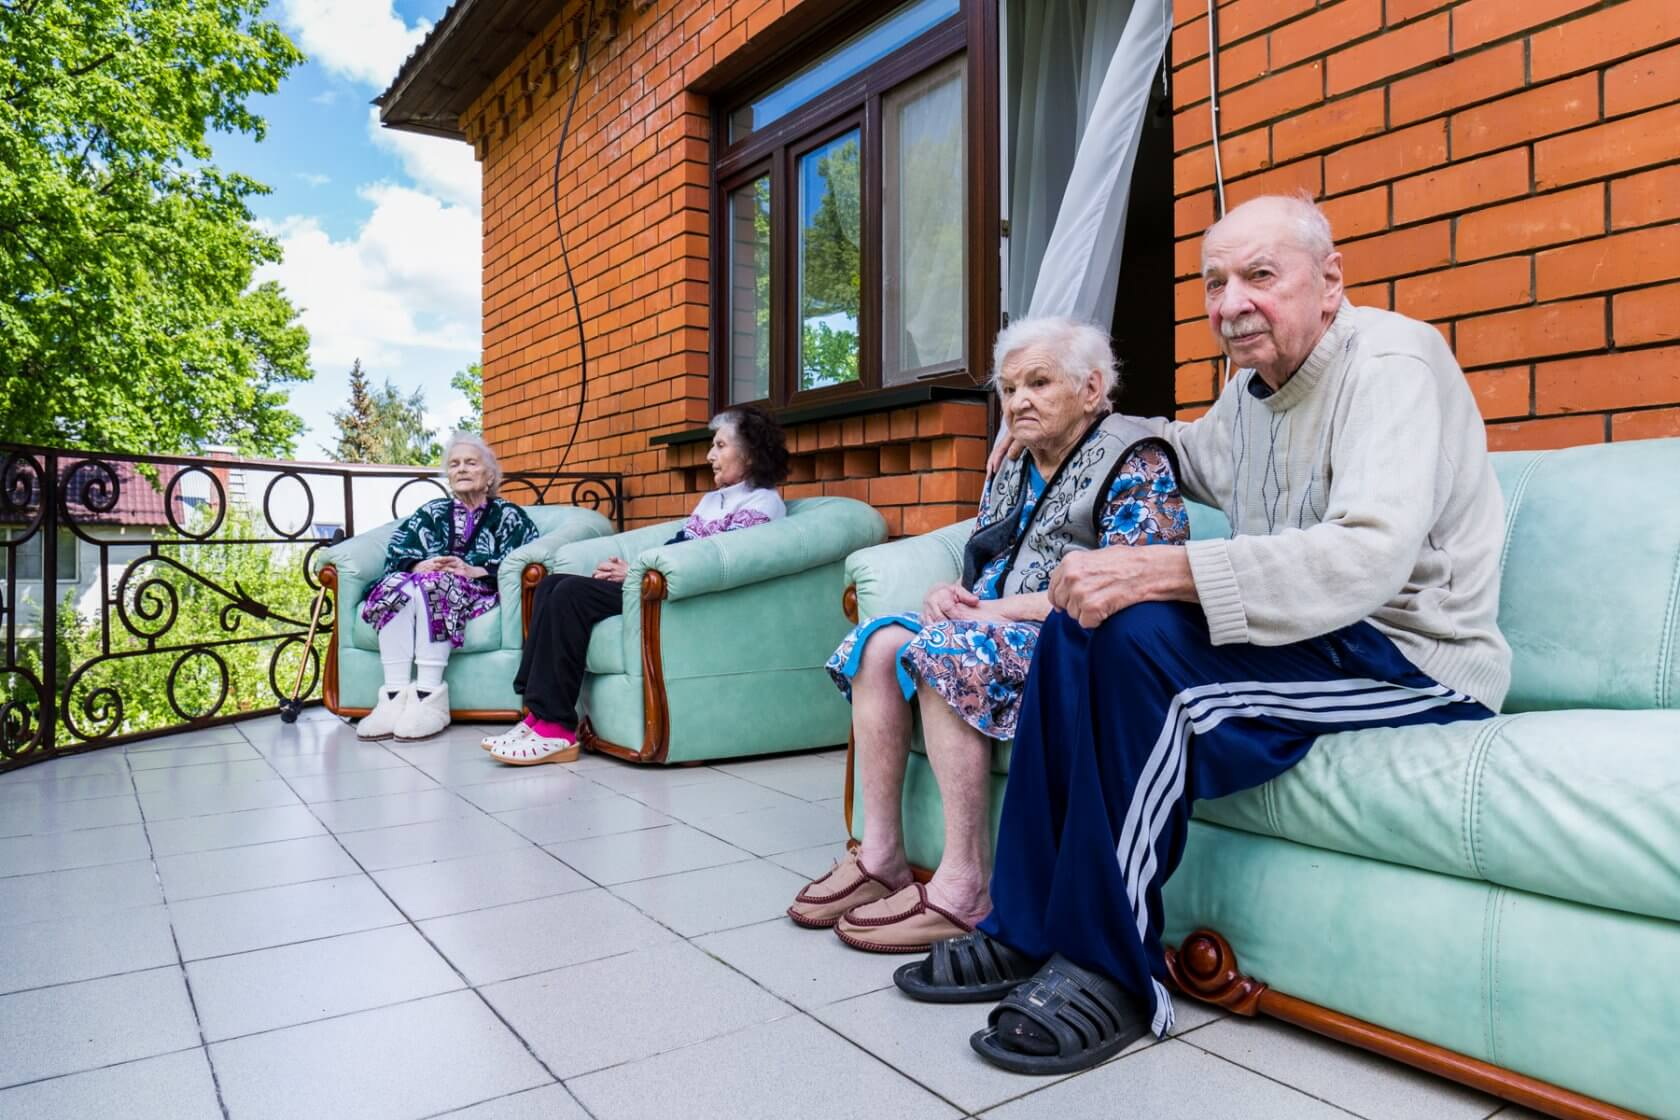 Дома для престарелых и инвалидов: какой выбрать — частный или государственный дом-интернат?